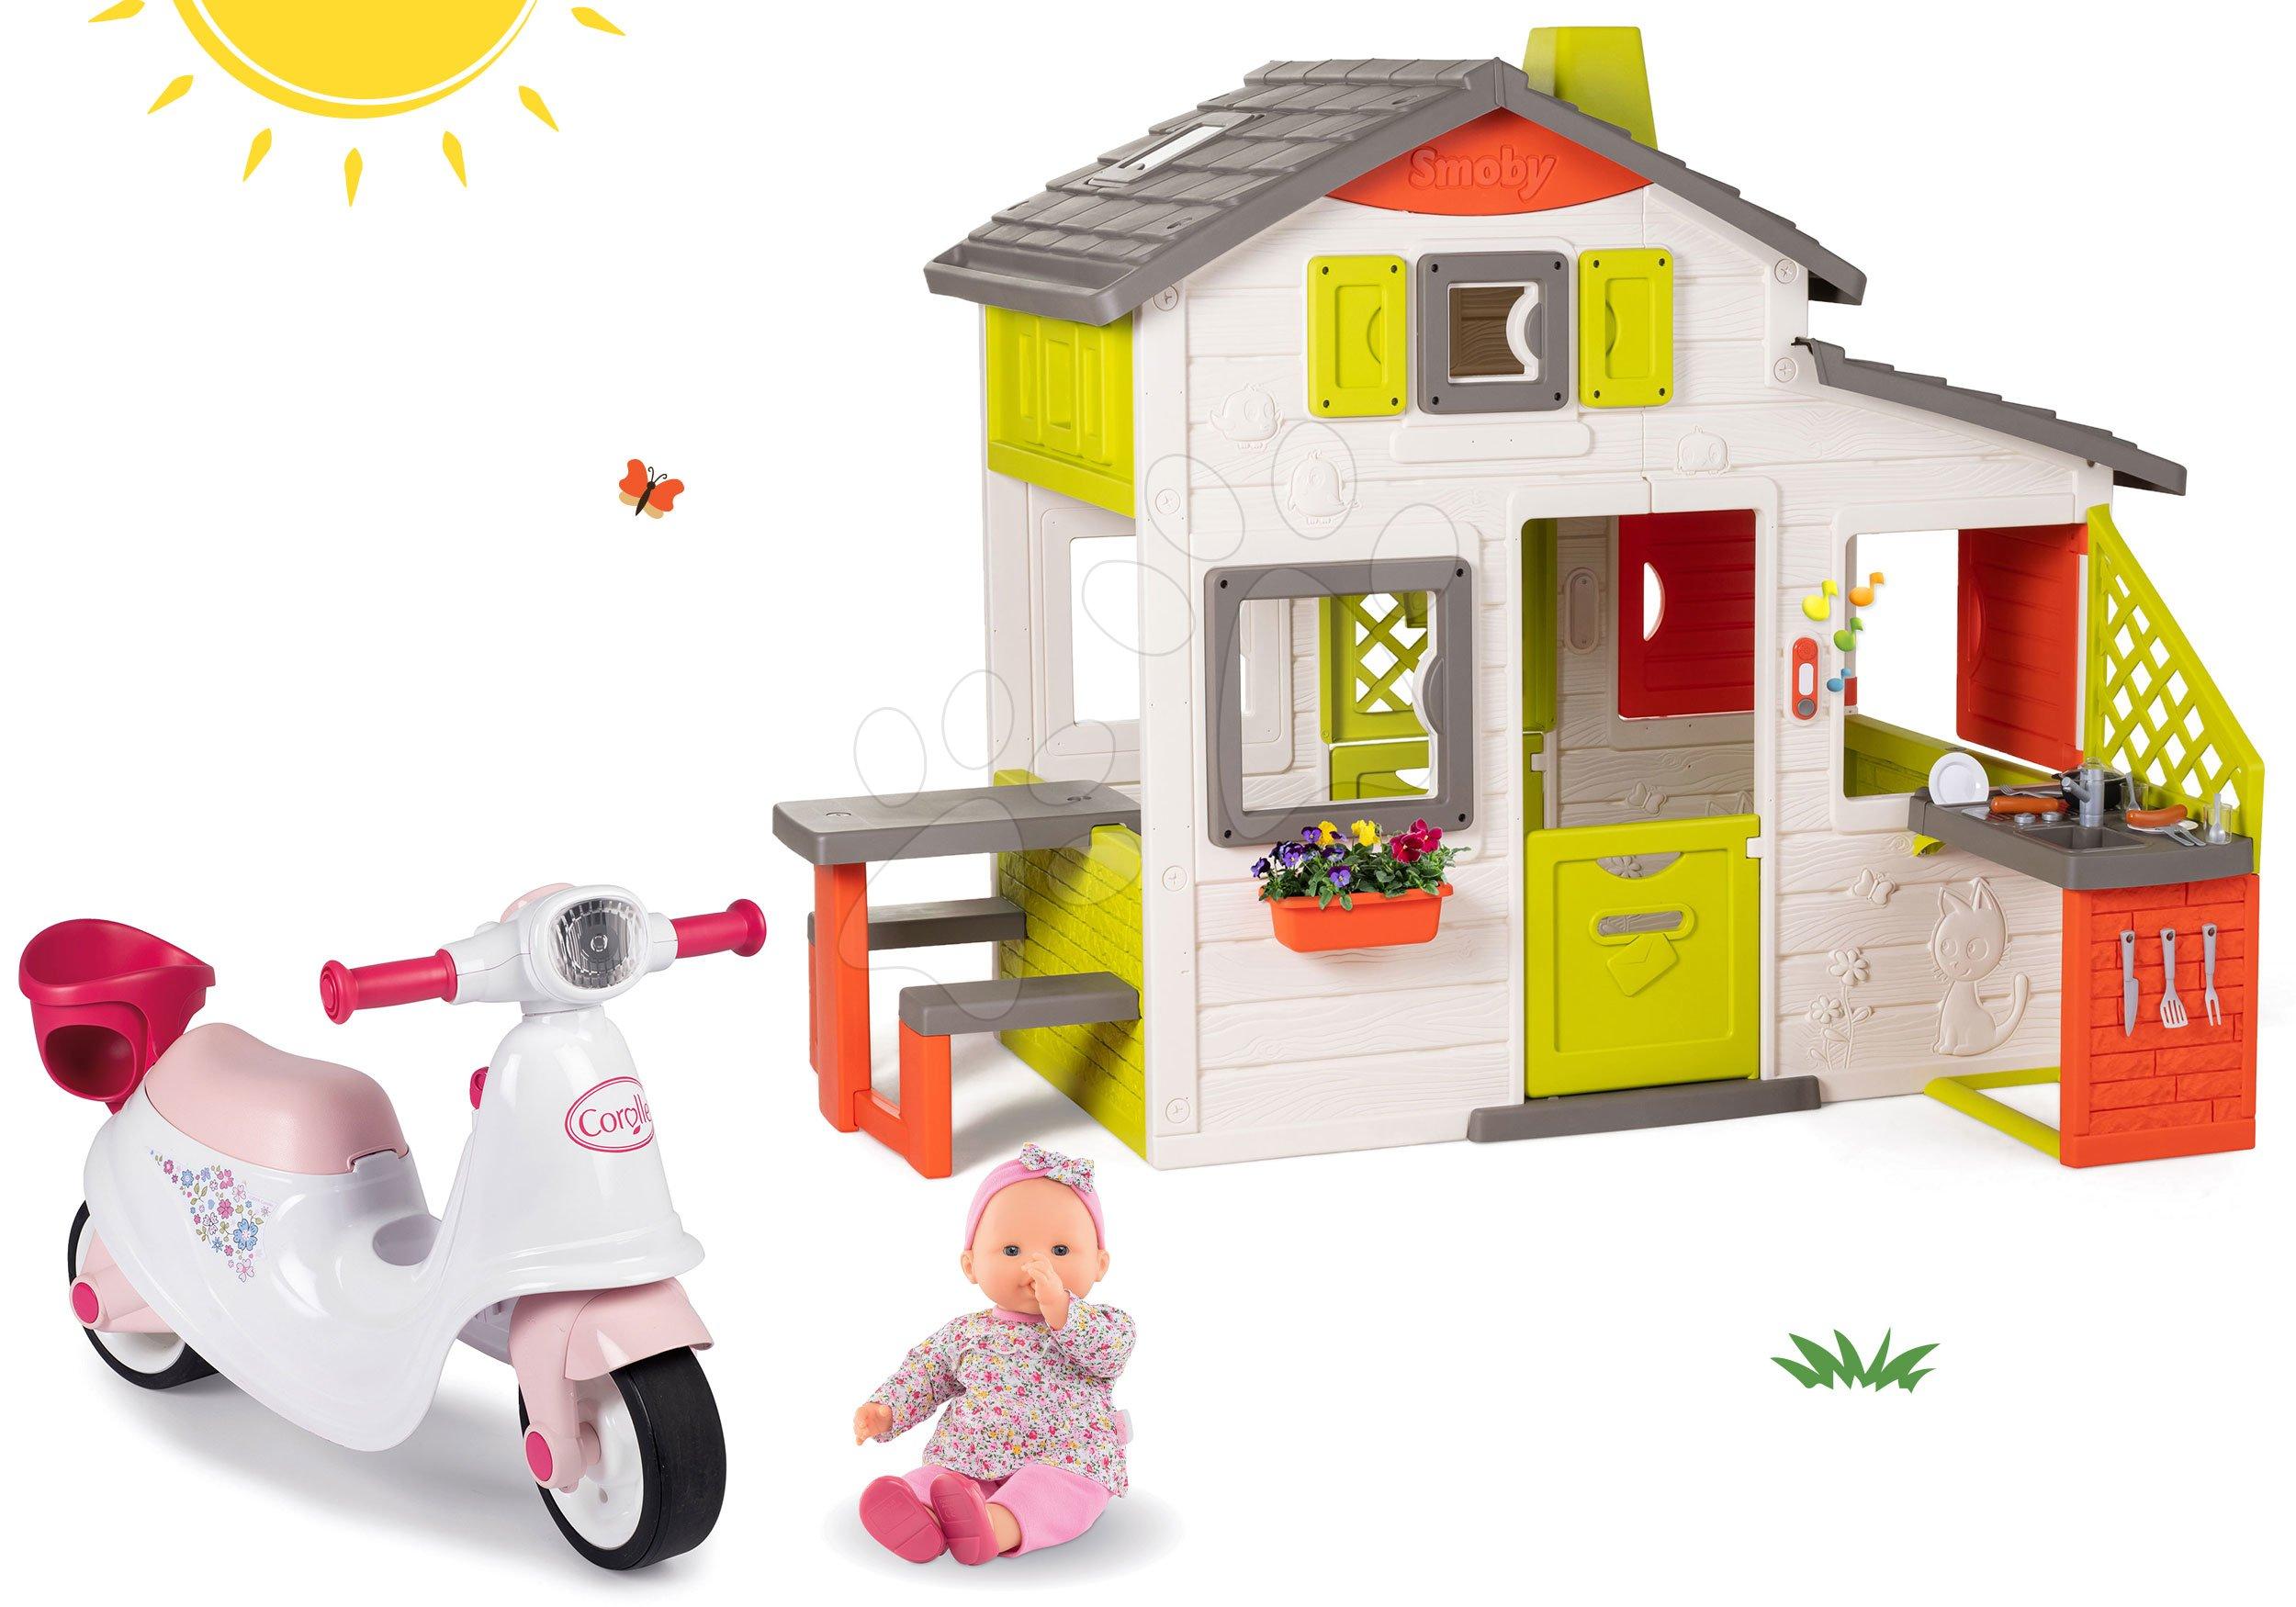 Set domček Priateľov Smoby s kuchynkou a odrážadlo skúter s Corolle bábikou v detskom nosiči